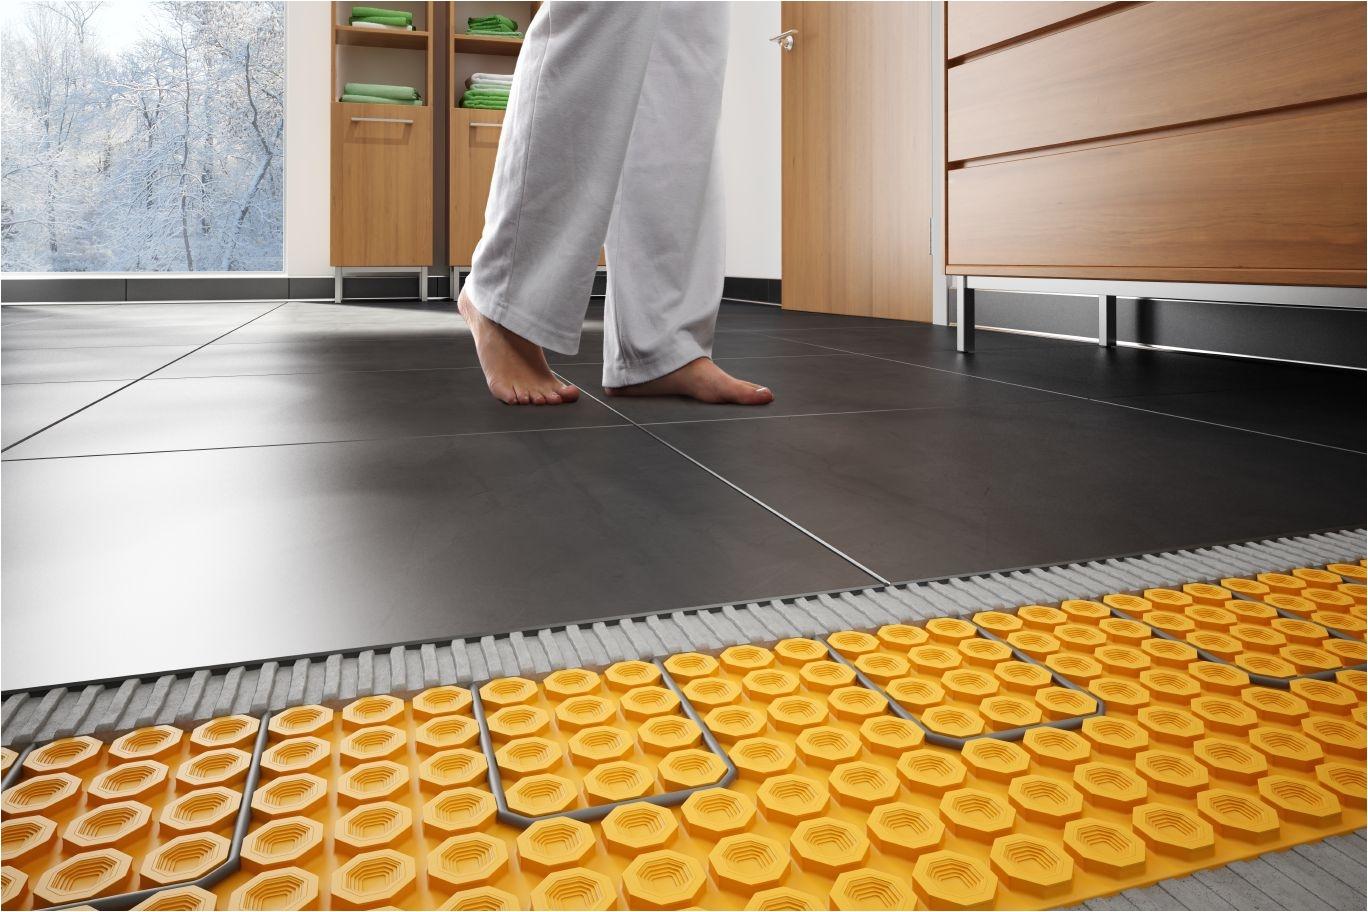 Sun touch Heated Floor Mats Schlutera Ditra Heat Floor Warming Schluter Com